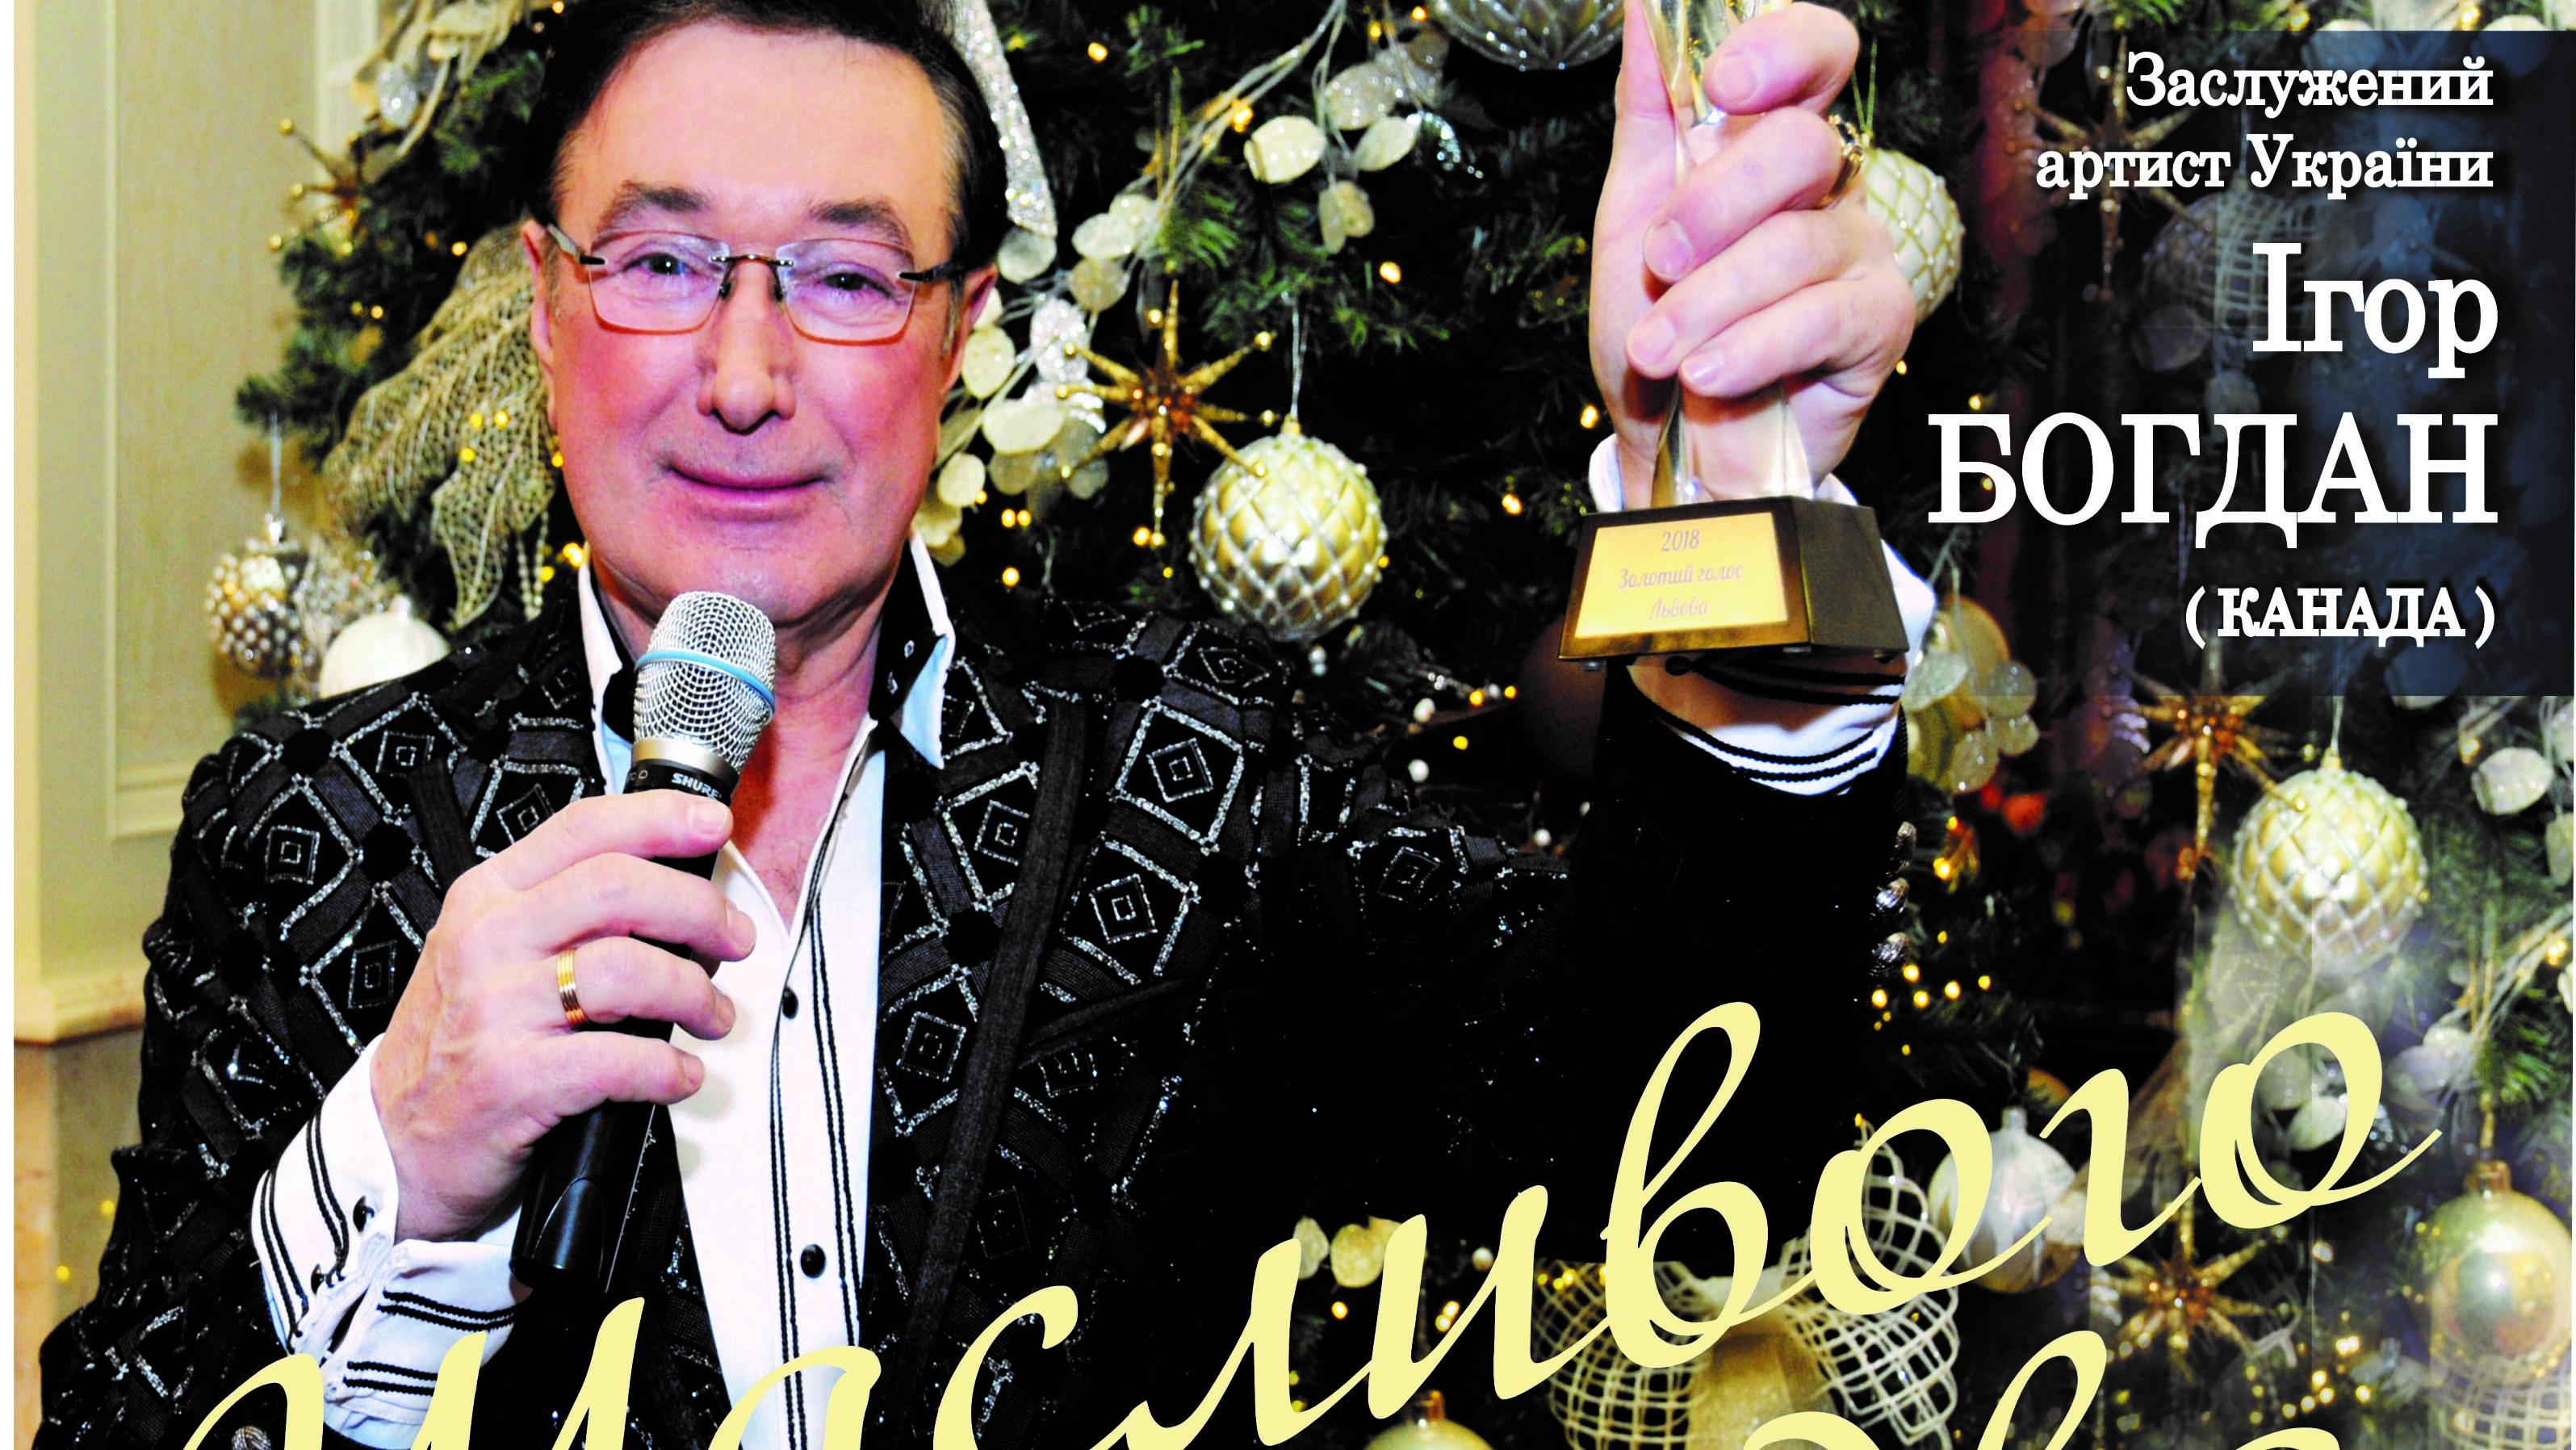 АНОНС. 27 січня у Дрогобичі відбудеться концерт Заслуженого артиста України Ігоря Богдана